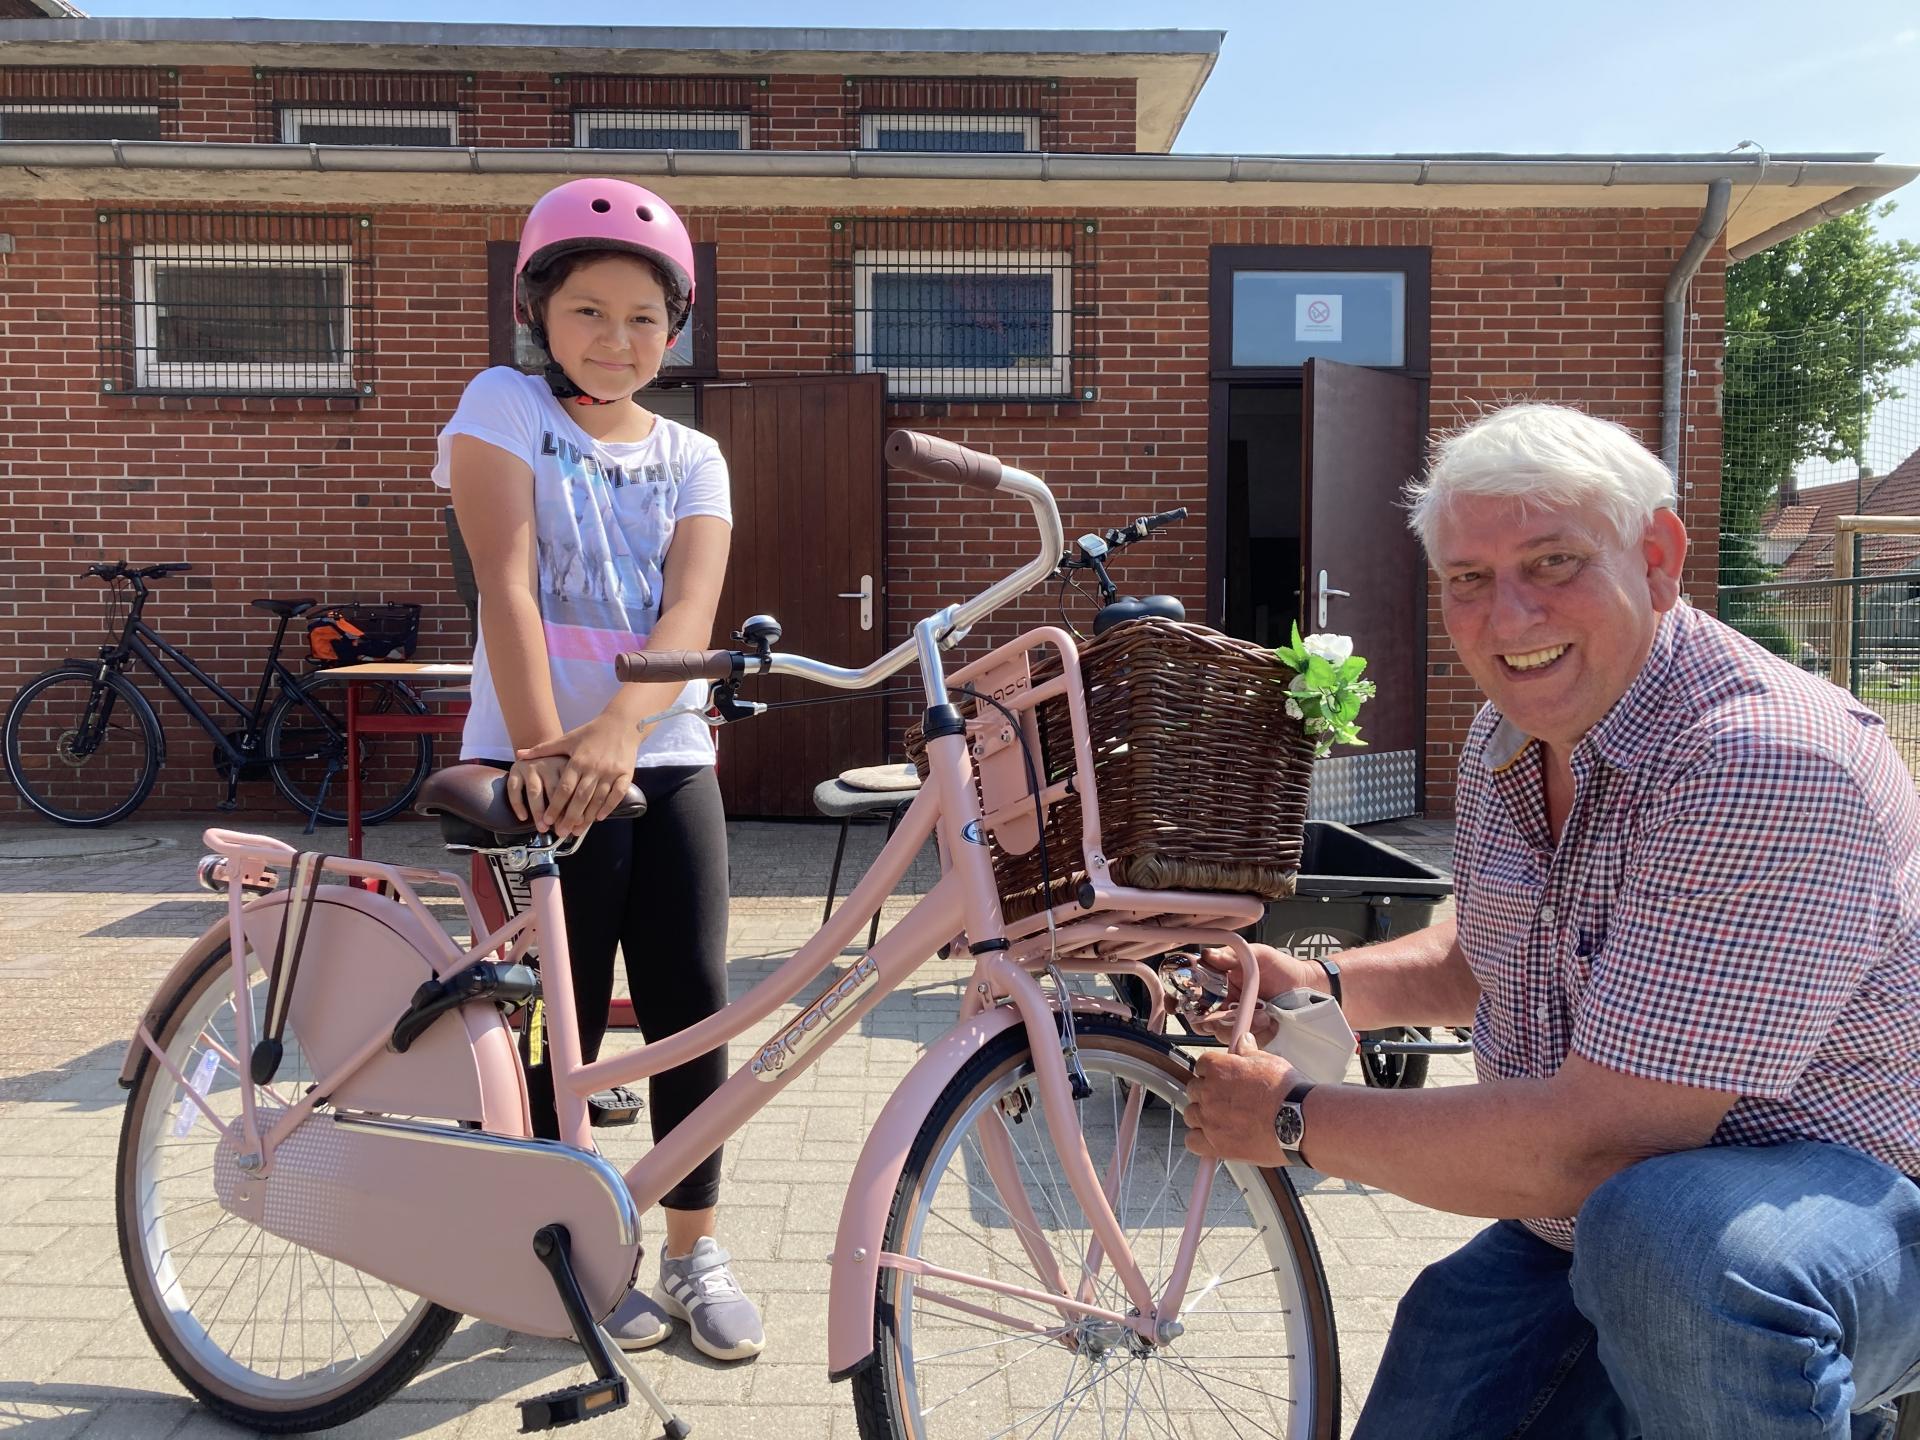 Fahrradrepartur